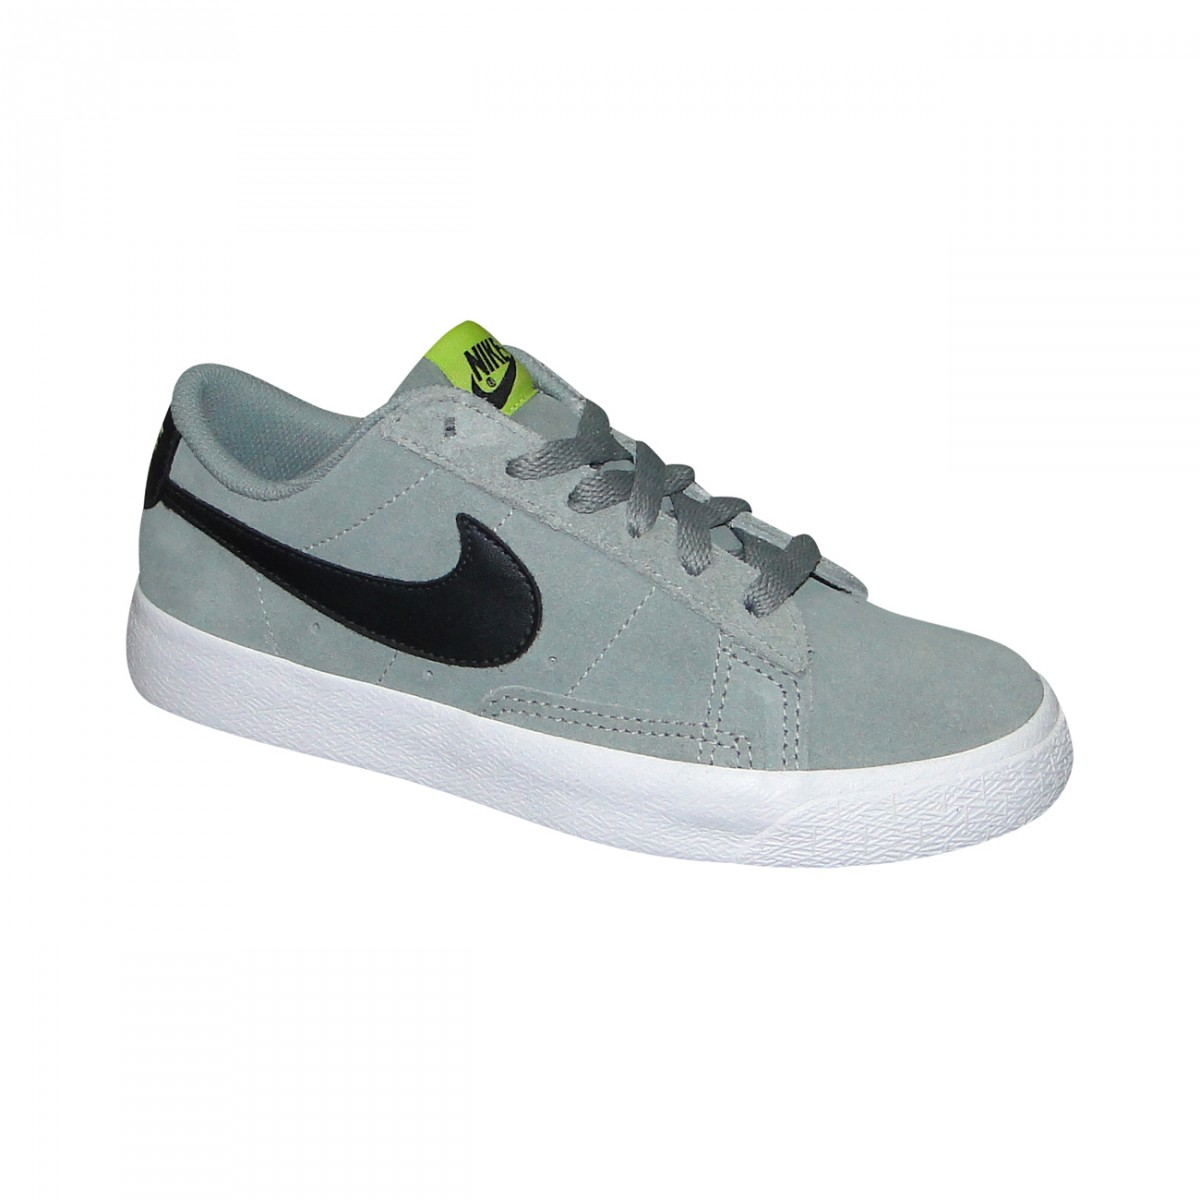 tom cruise isra l - Tenis Nike Blazer Low Infantil 617074 300 - Cinza/Preto/Branco ...